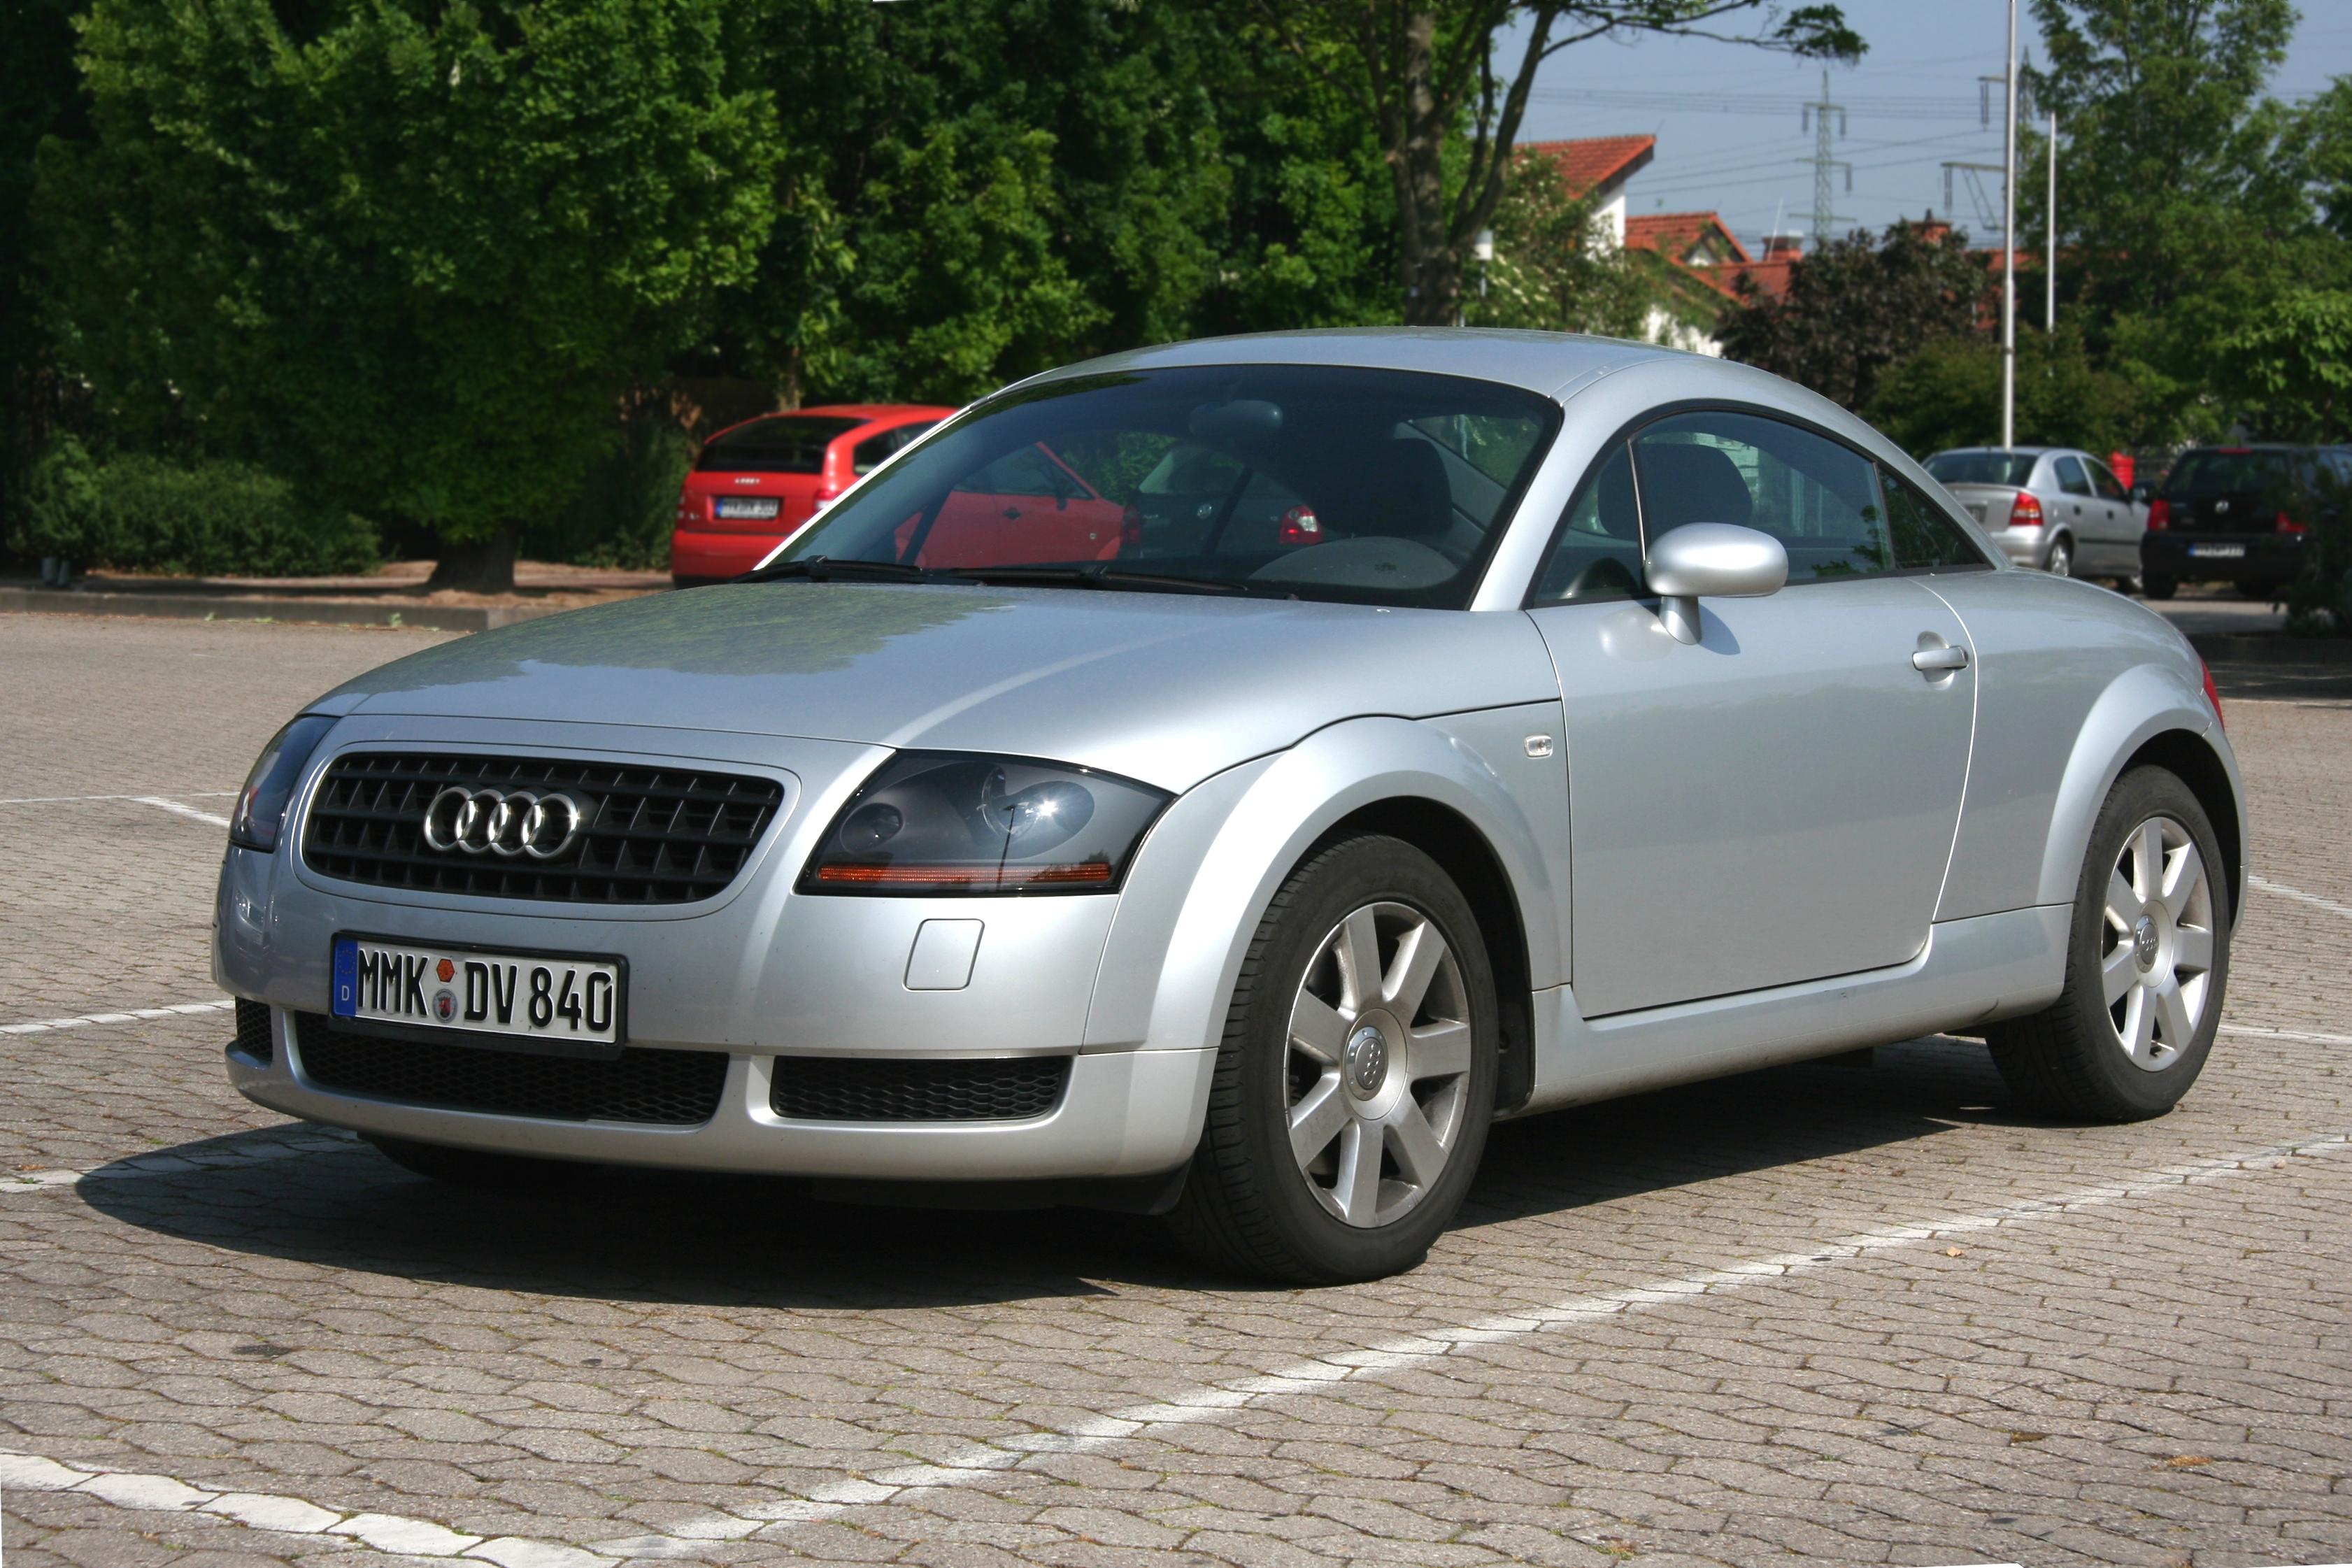 File Audi Tt 1 Gen 2007 05 06 03b Jpg Wikimedia Commons